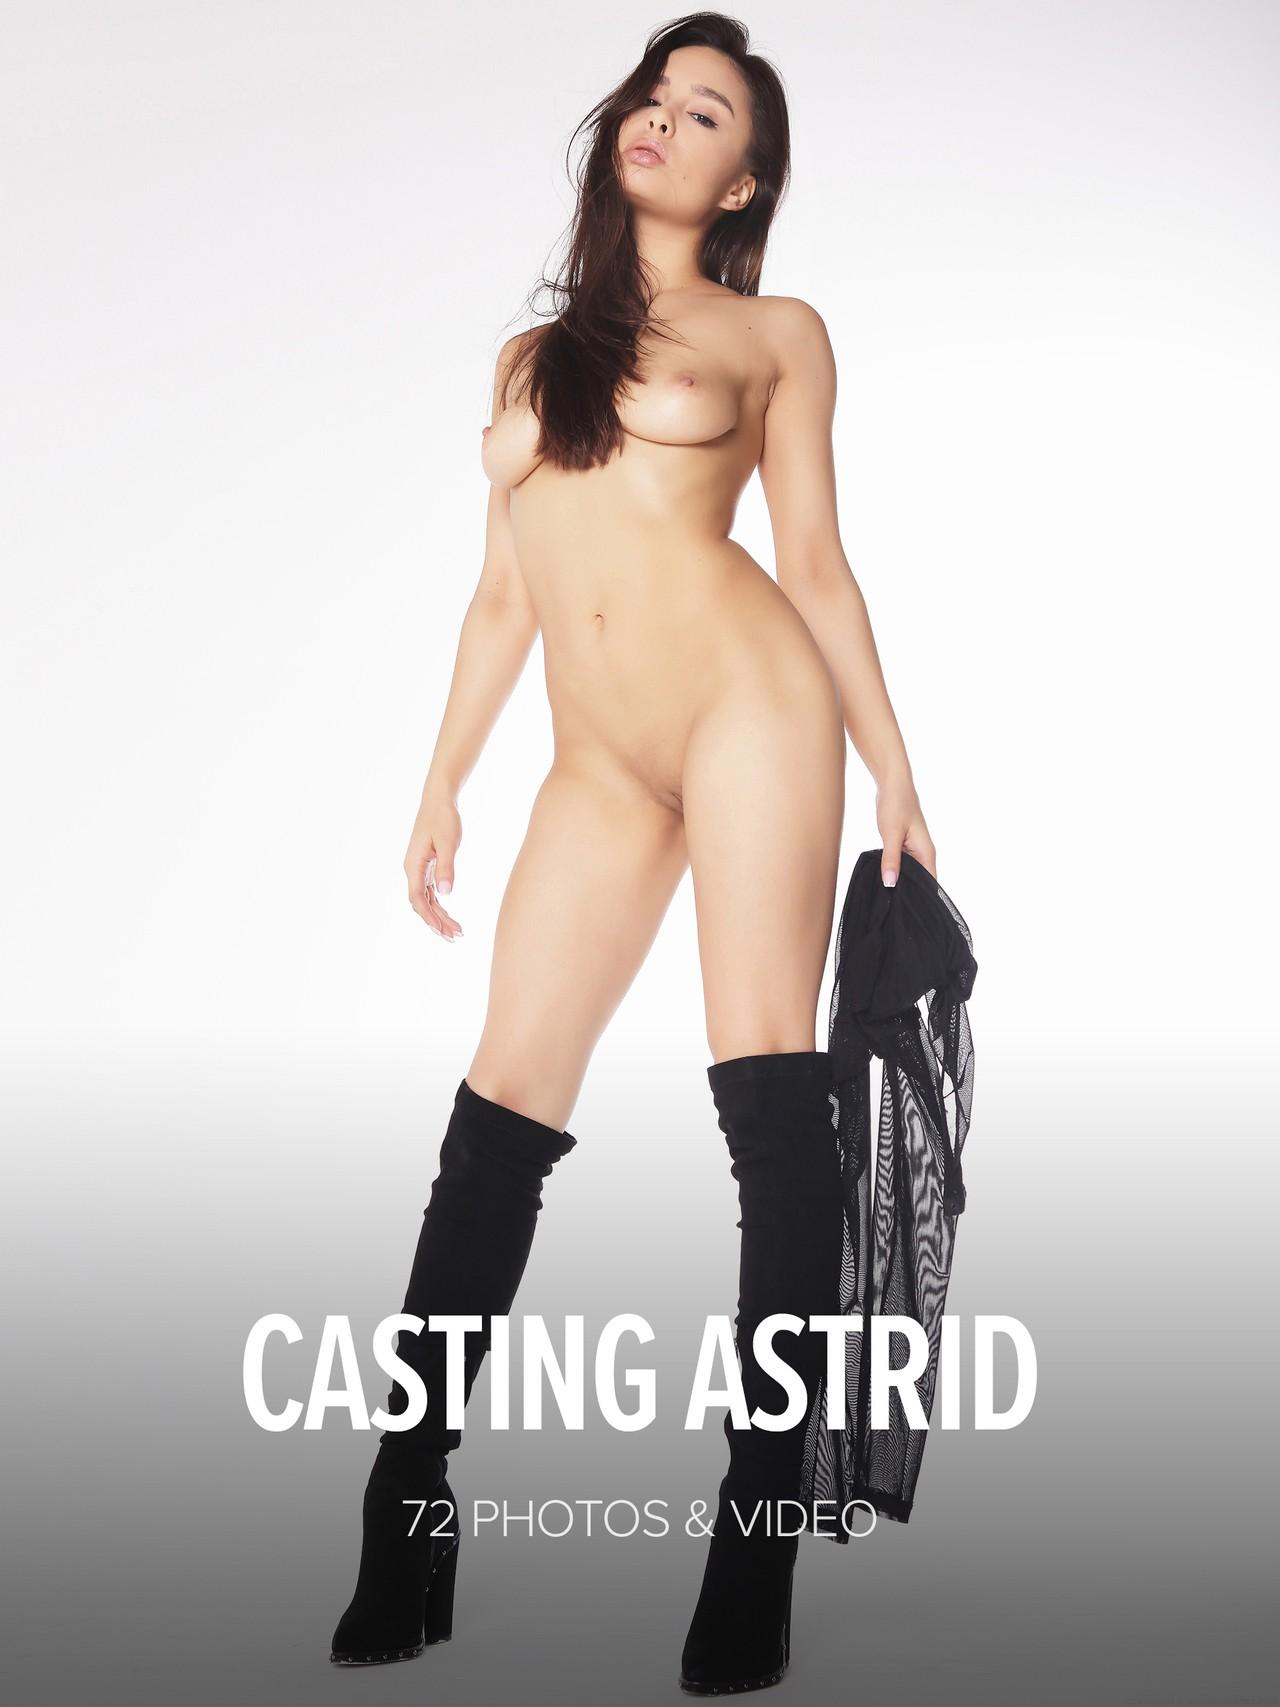 Astrid: CASTING Astrid